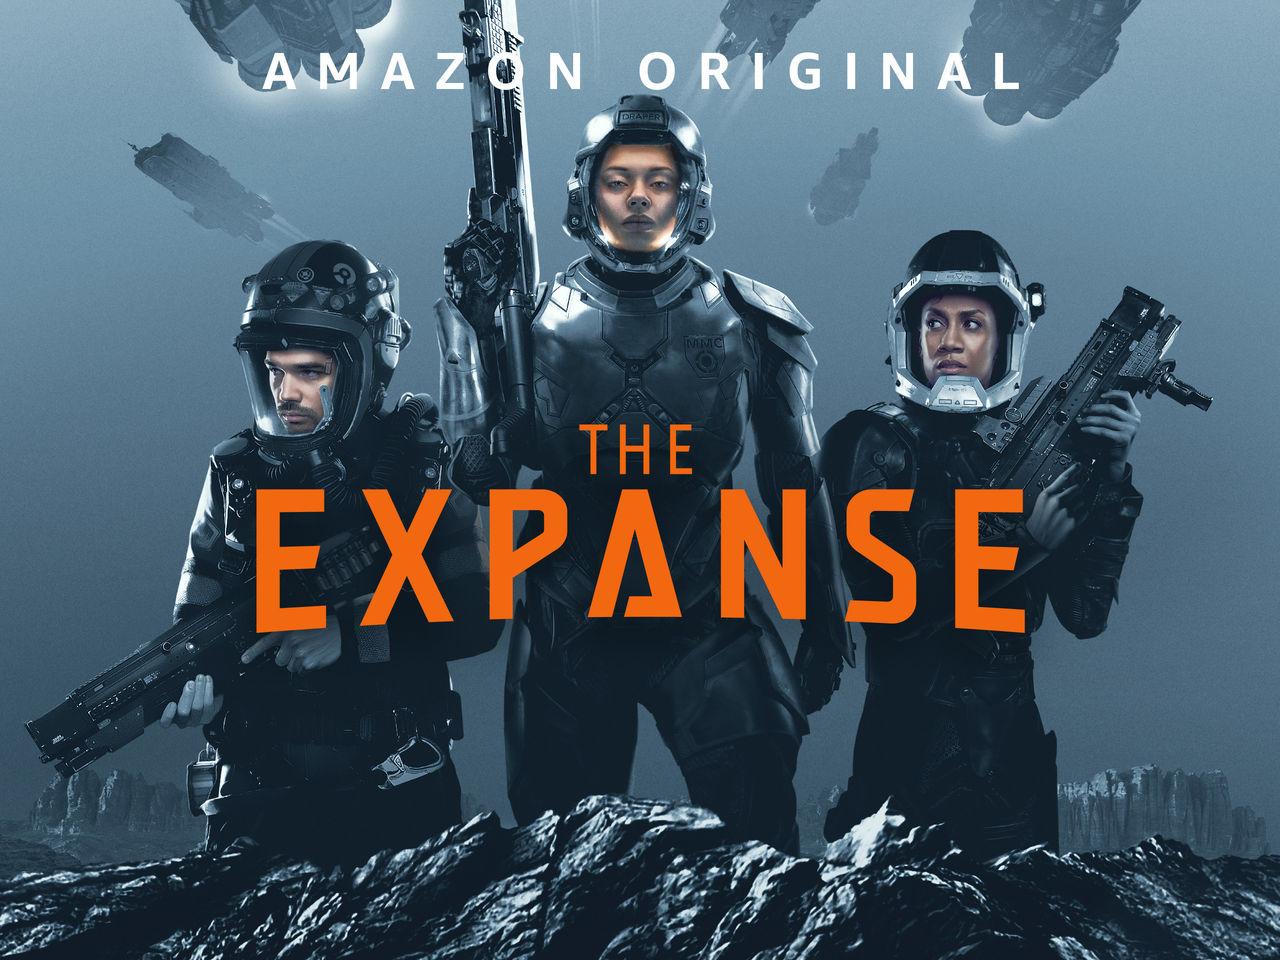 The Expanse får en sjätte och avslutande säsong